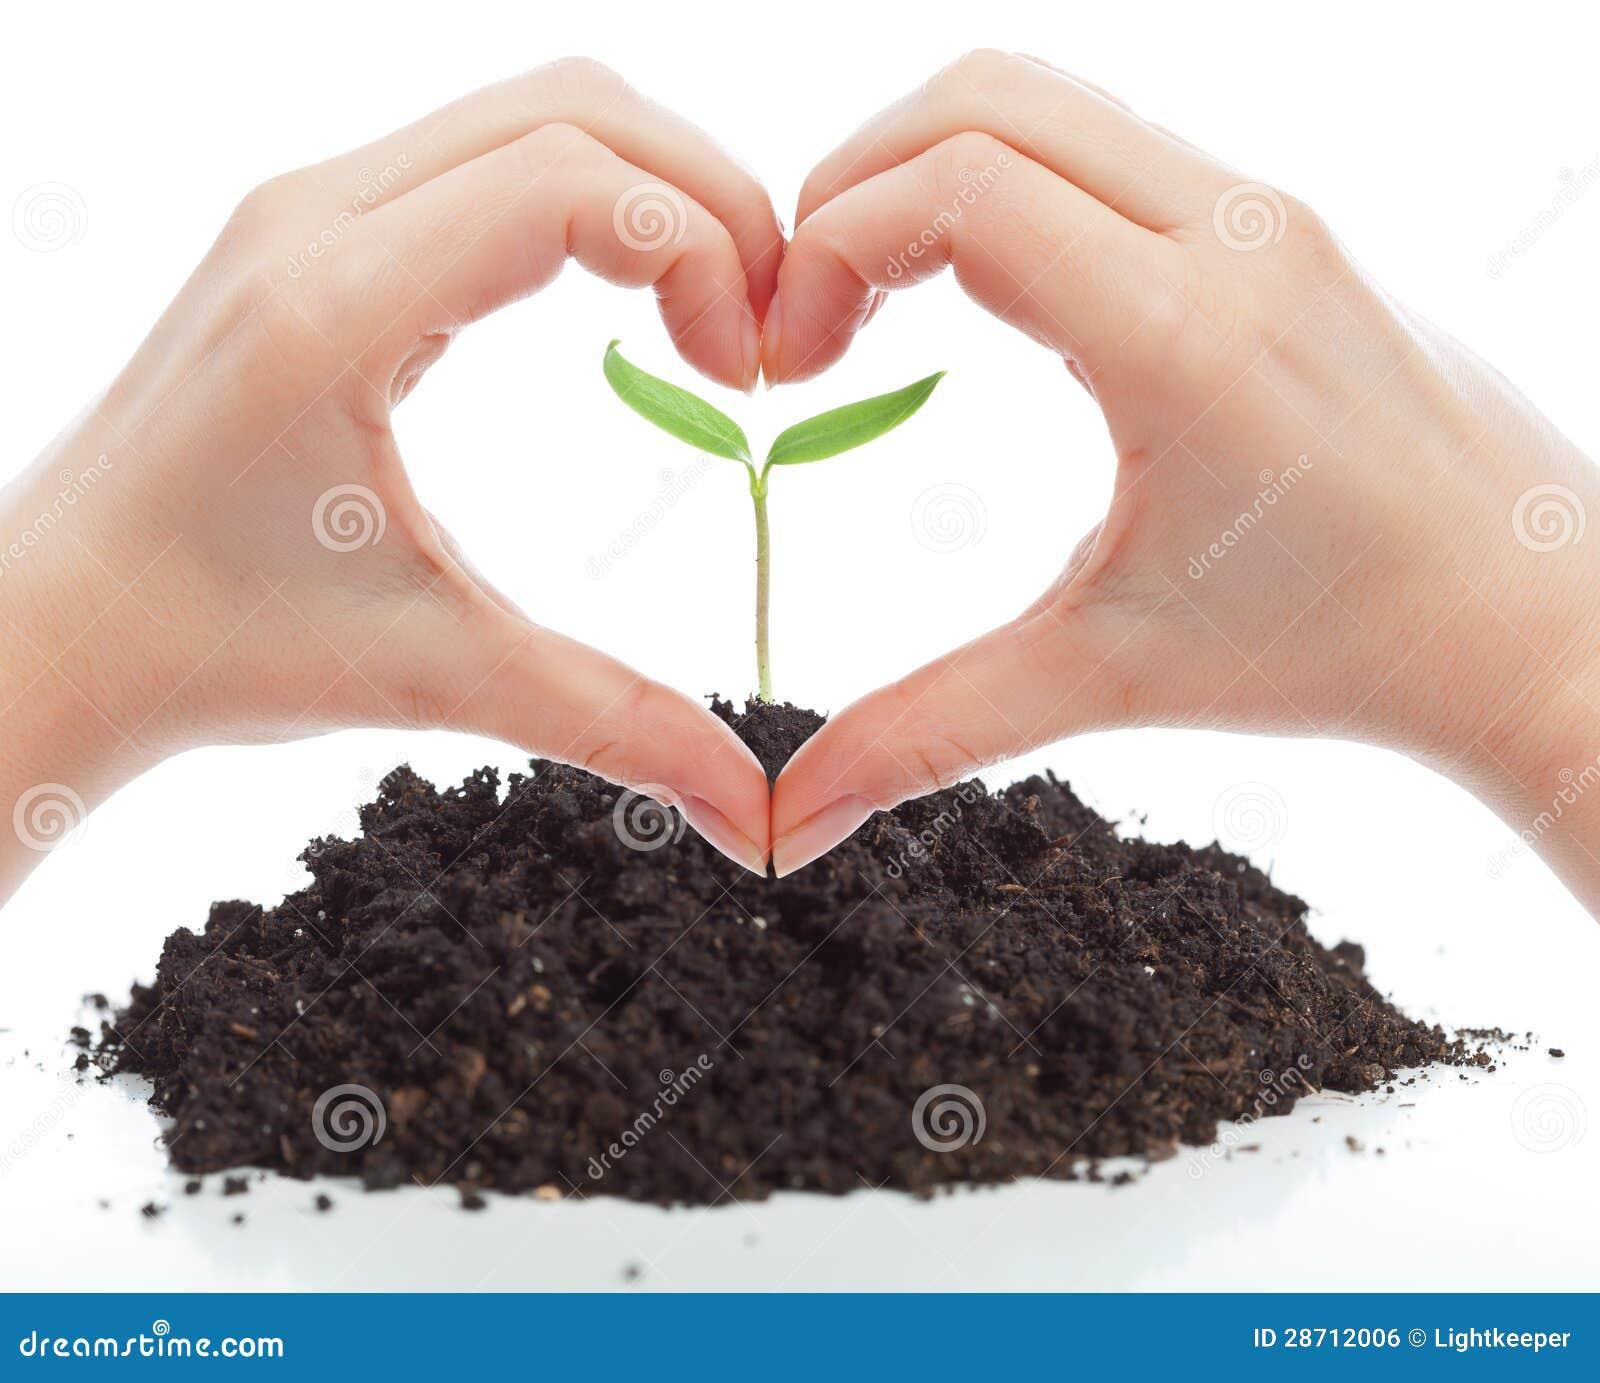 Miłość dla natury pojęcia